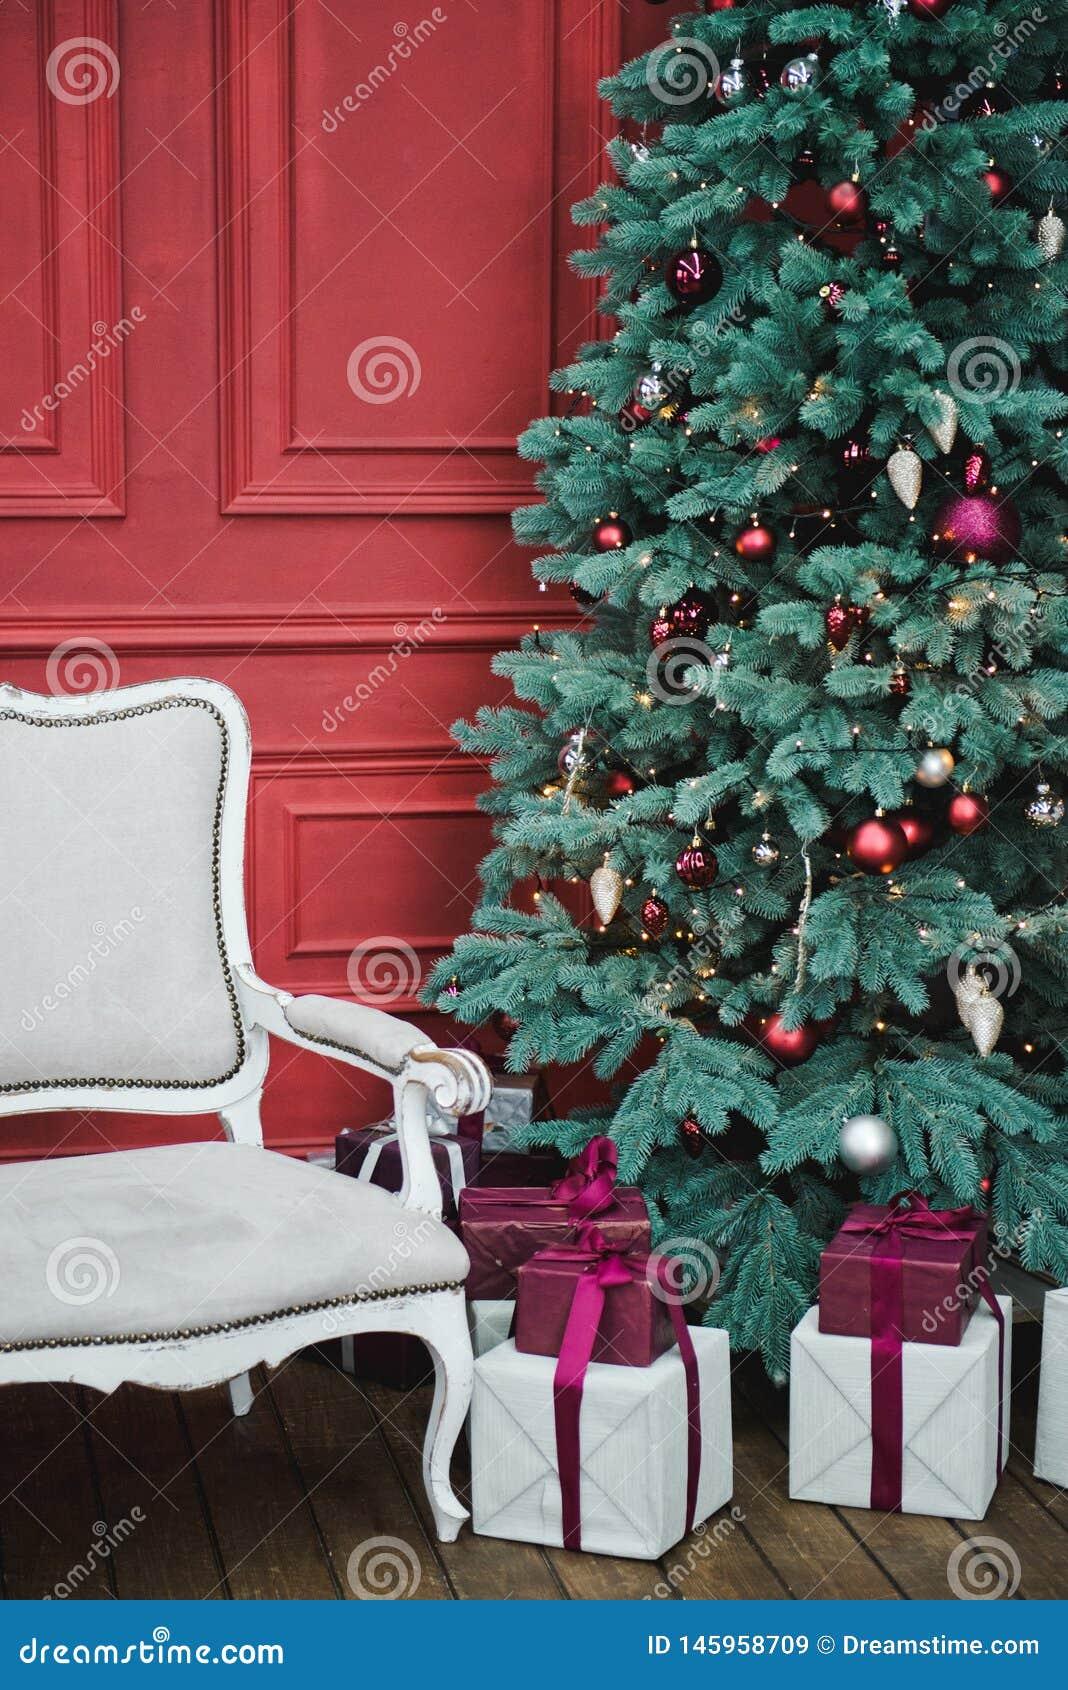 Sch?nes neues Jahr verzierte klassischen Hauptinnenraum Wei?e Schneeflocken auf einem blauen Hintergrund Wohnzimmer mit einem Wei